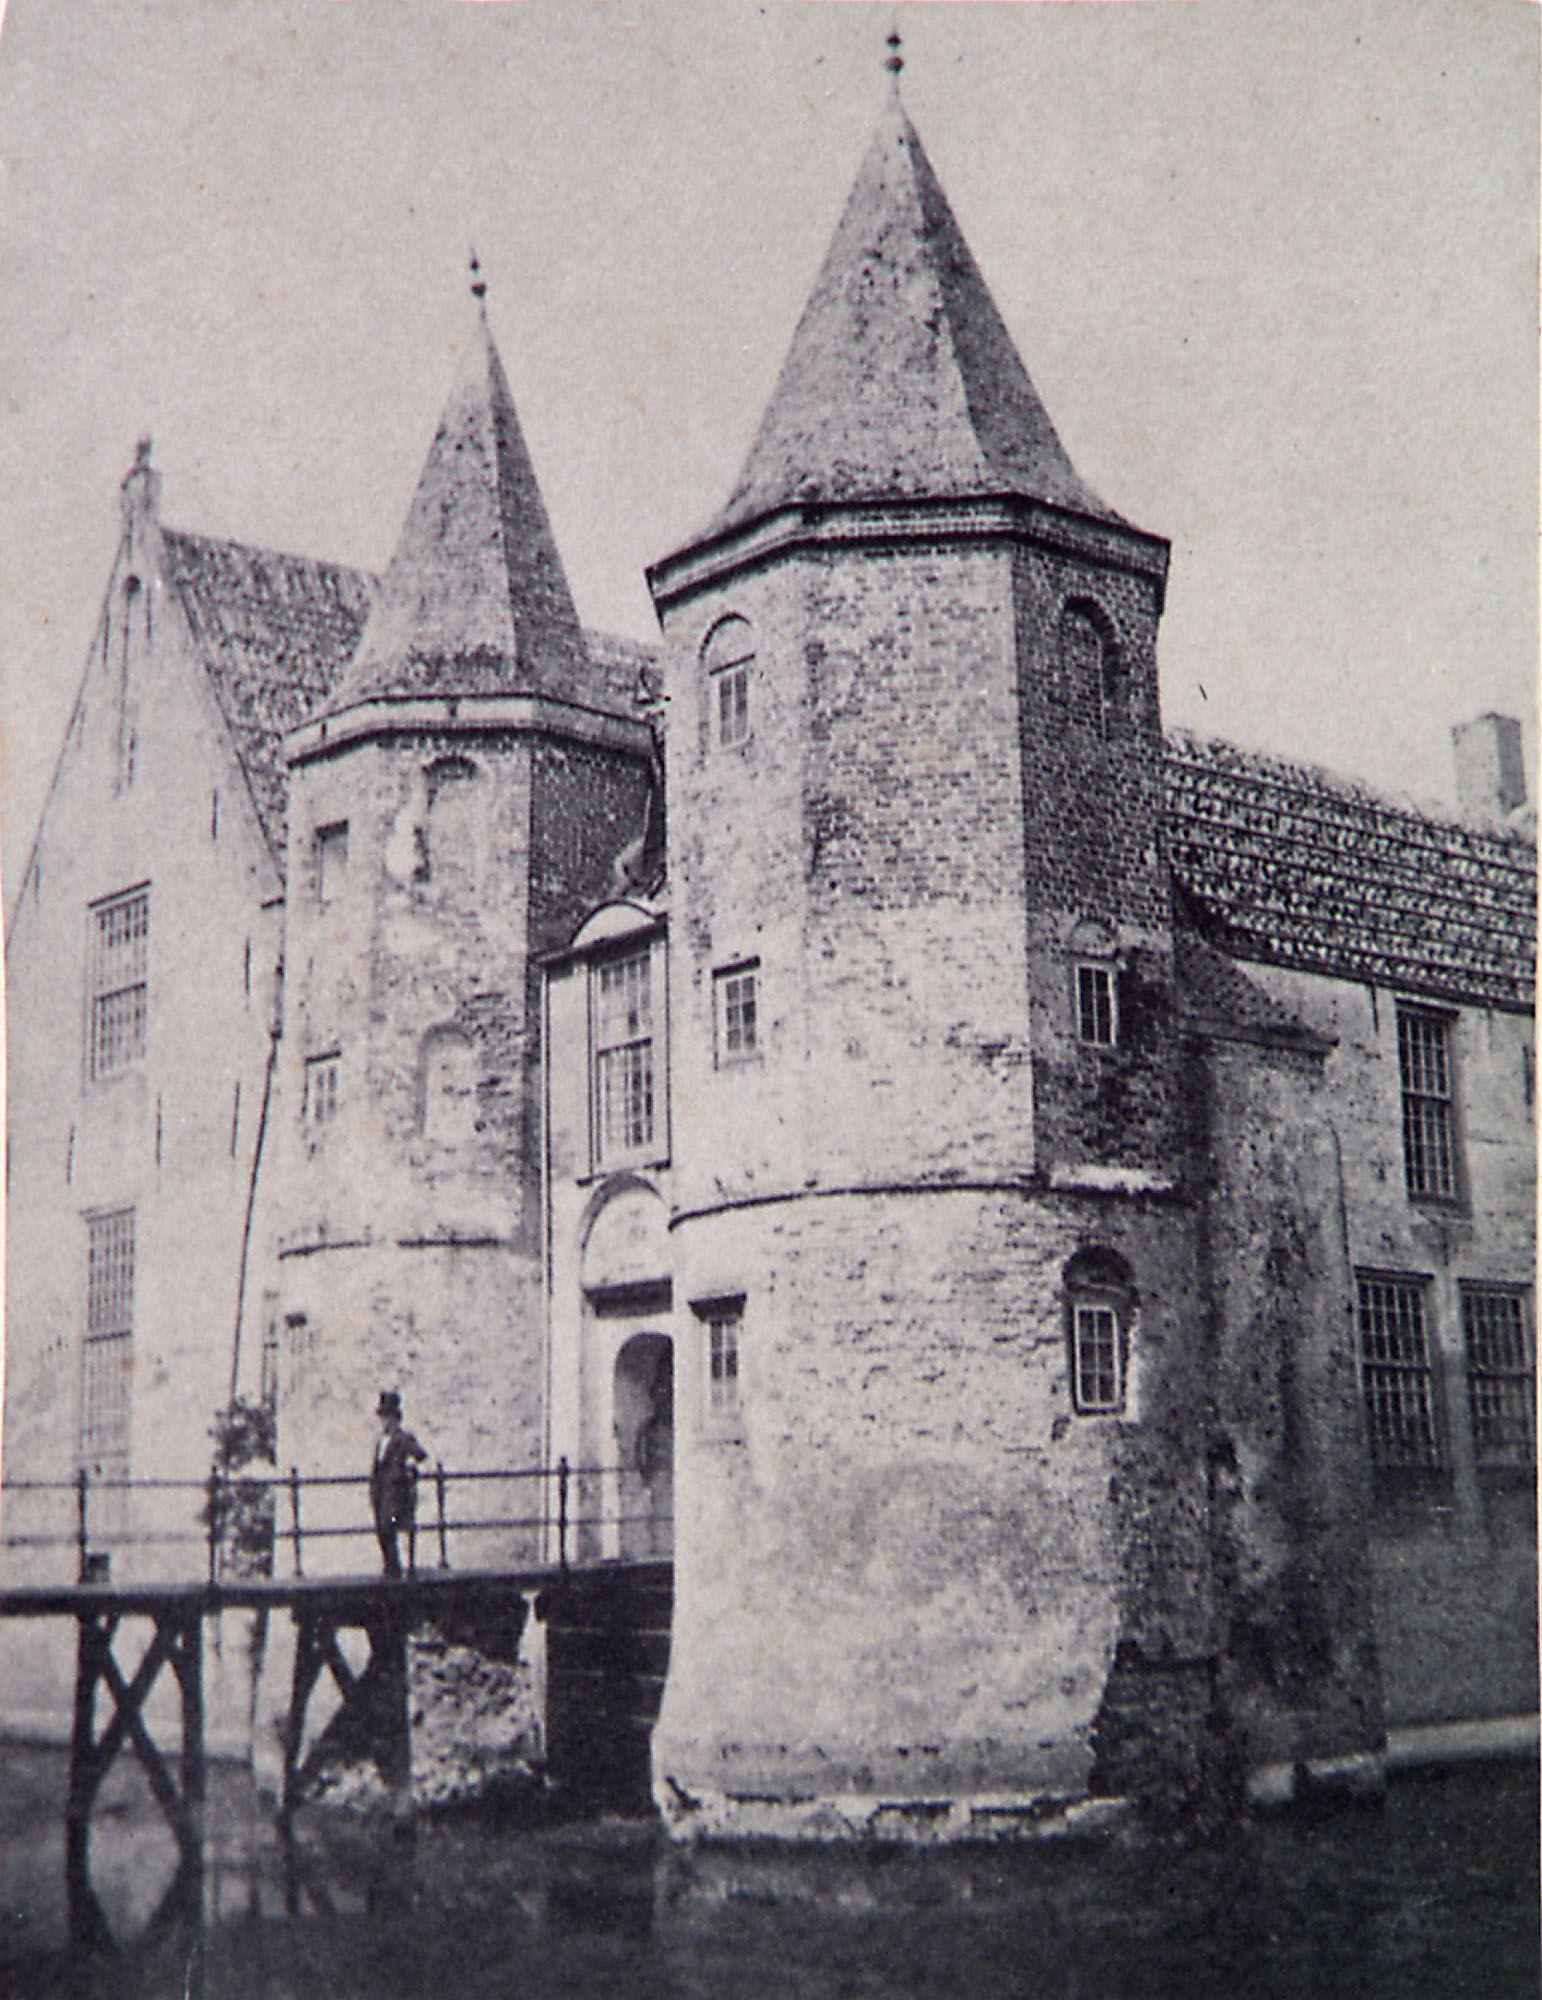 Kasteel Popkensburg voor de afbraak. Foto, circa 1860. (Zeeuws Archief, collectie Zeeuws Genootschap, Zelandia Illustrata)